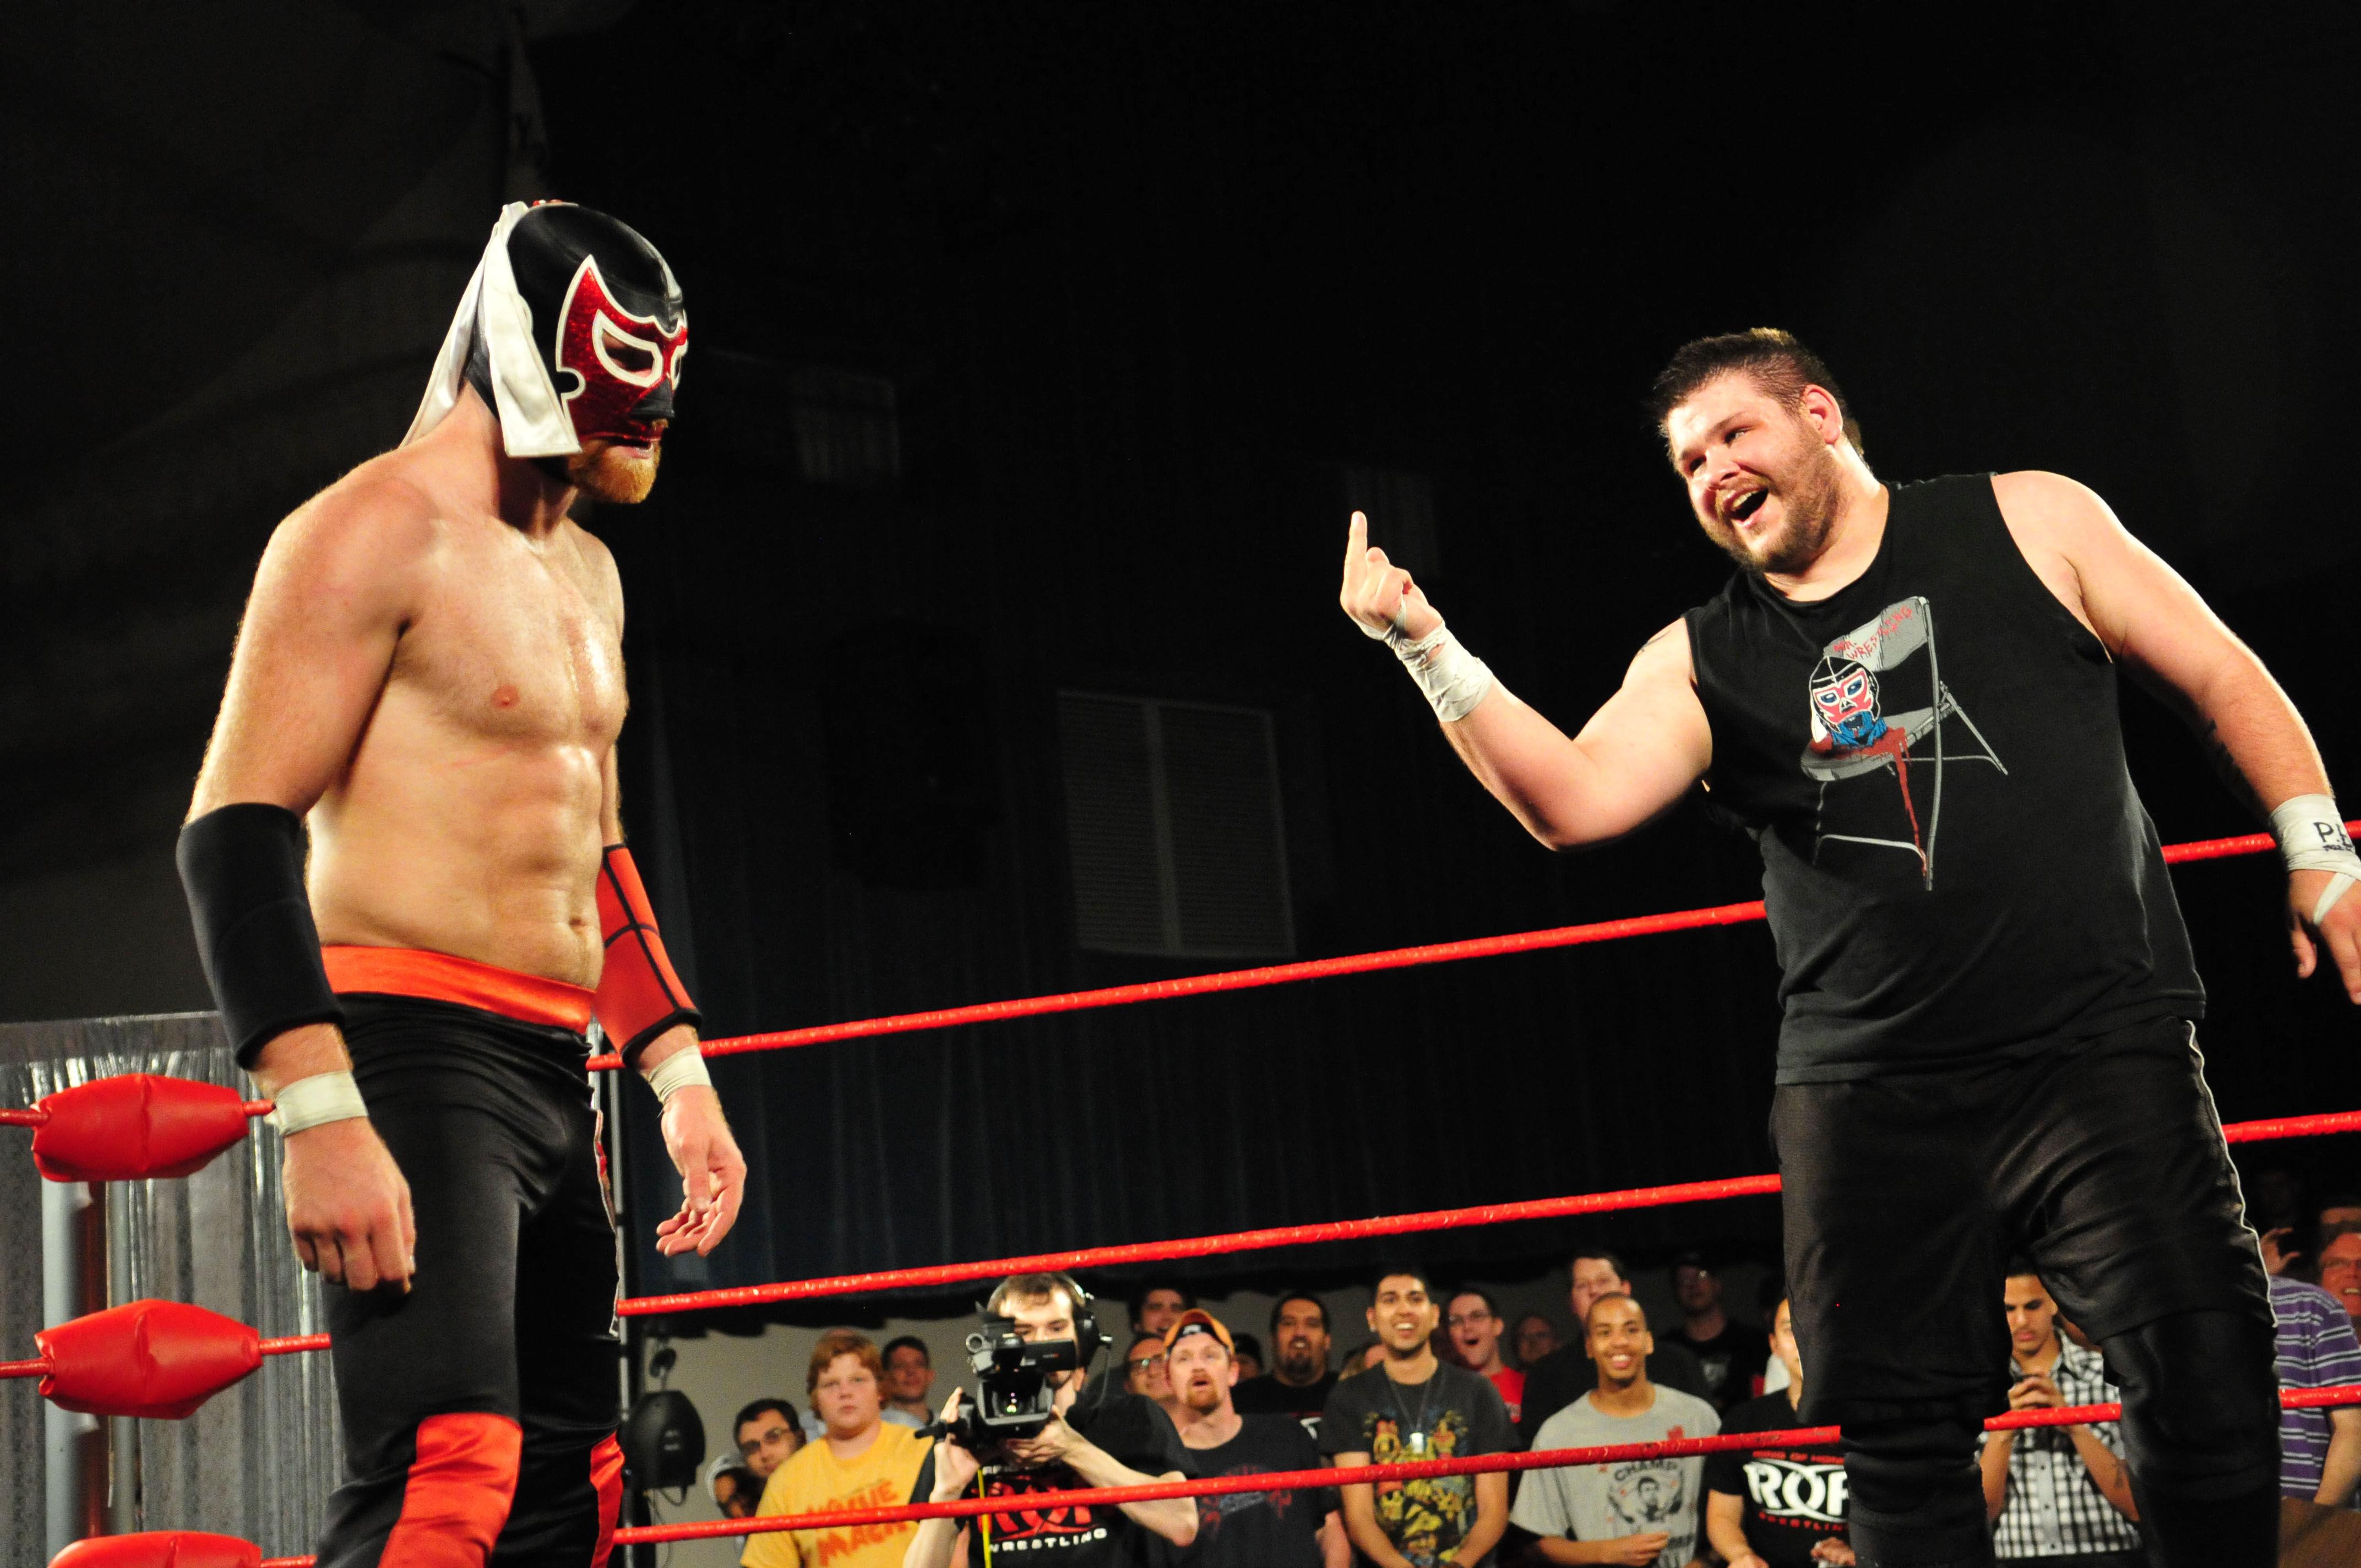 ¿Cómo se llamaban estos luchadores antes de firmar por la WWE?